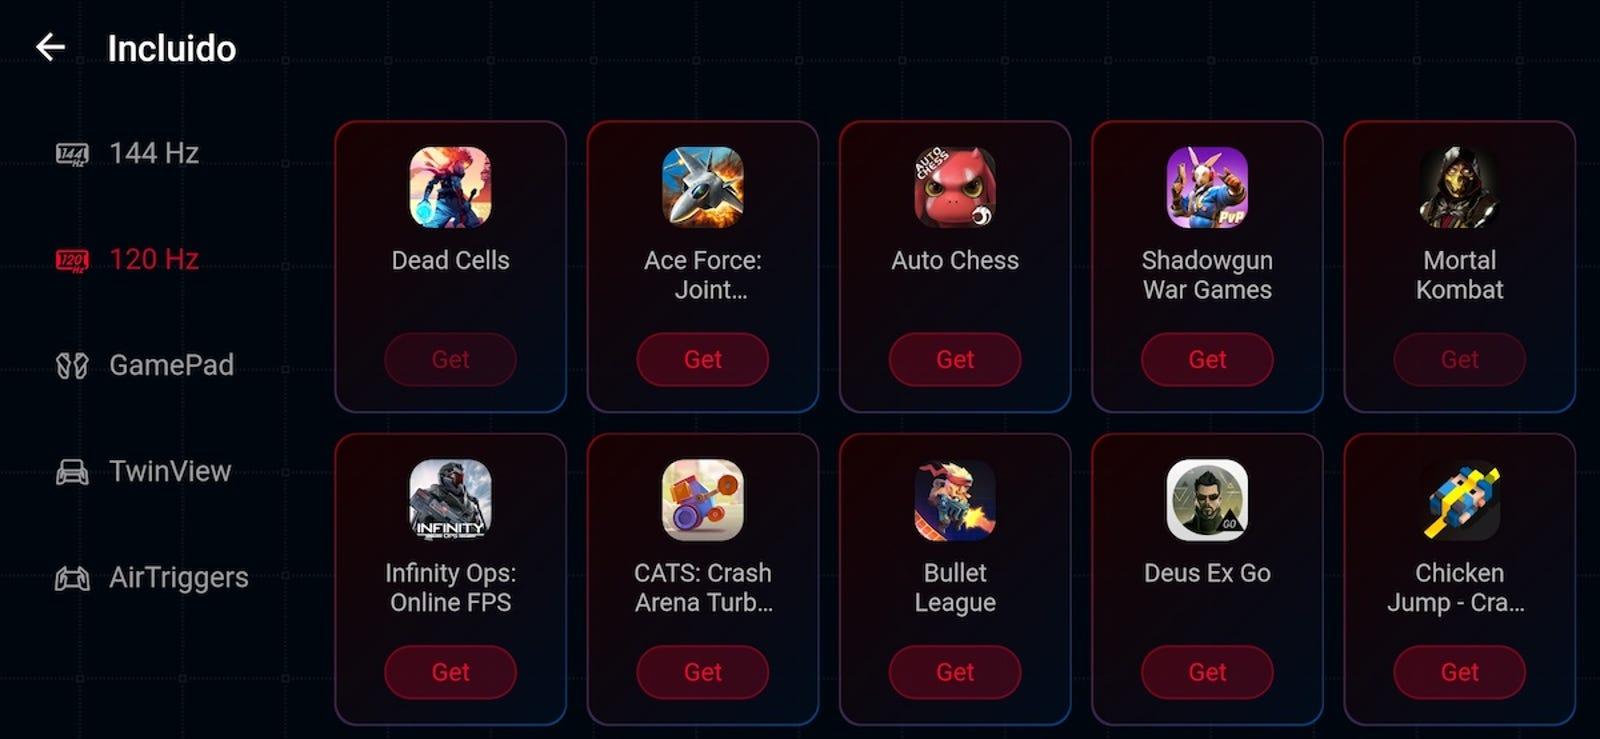 Los juegos en Armory Crate están ordenados por su compatibilidad con diferentes tasas de refresco. Si los pulsas, por cierto, te llevan a la tienda de Android.